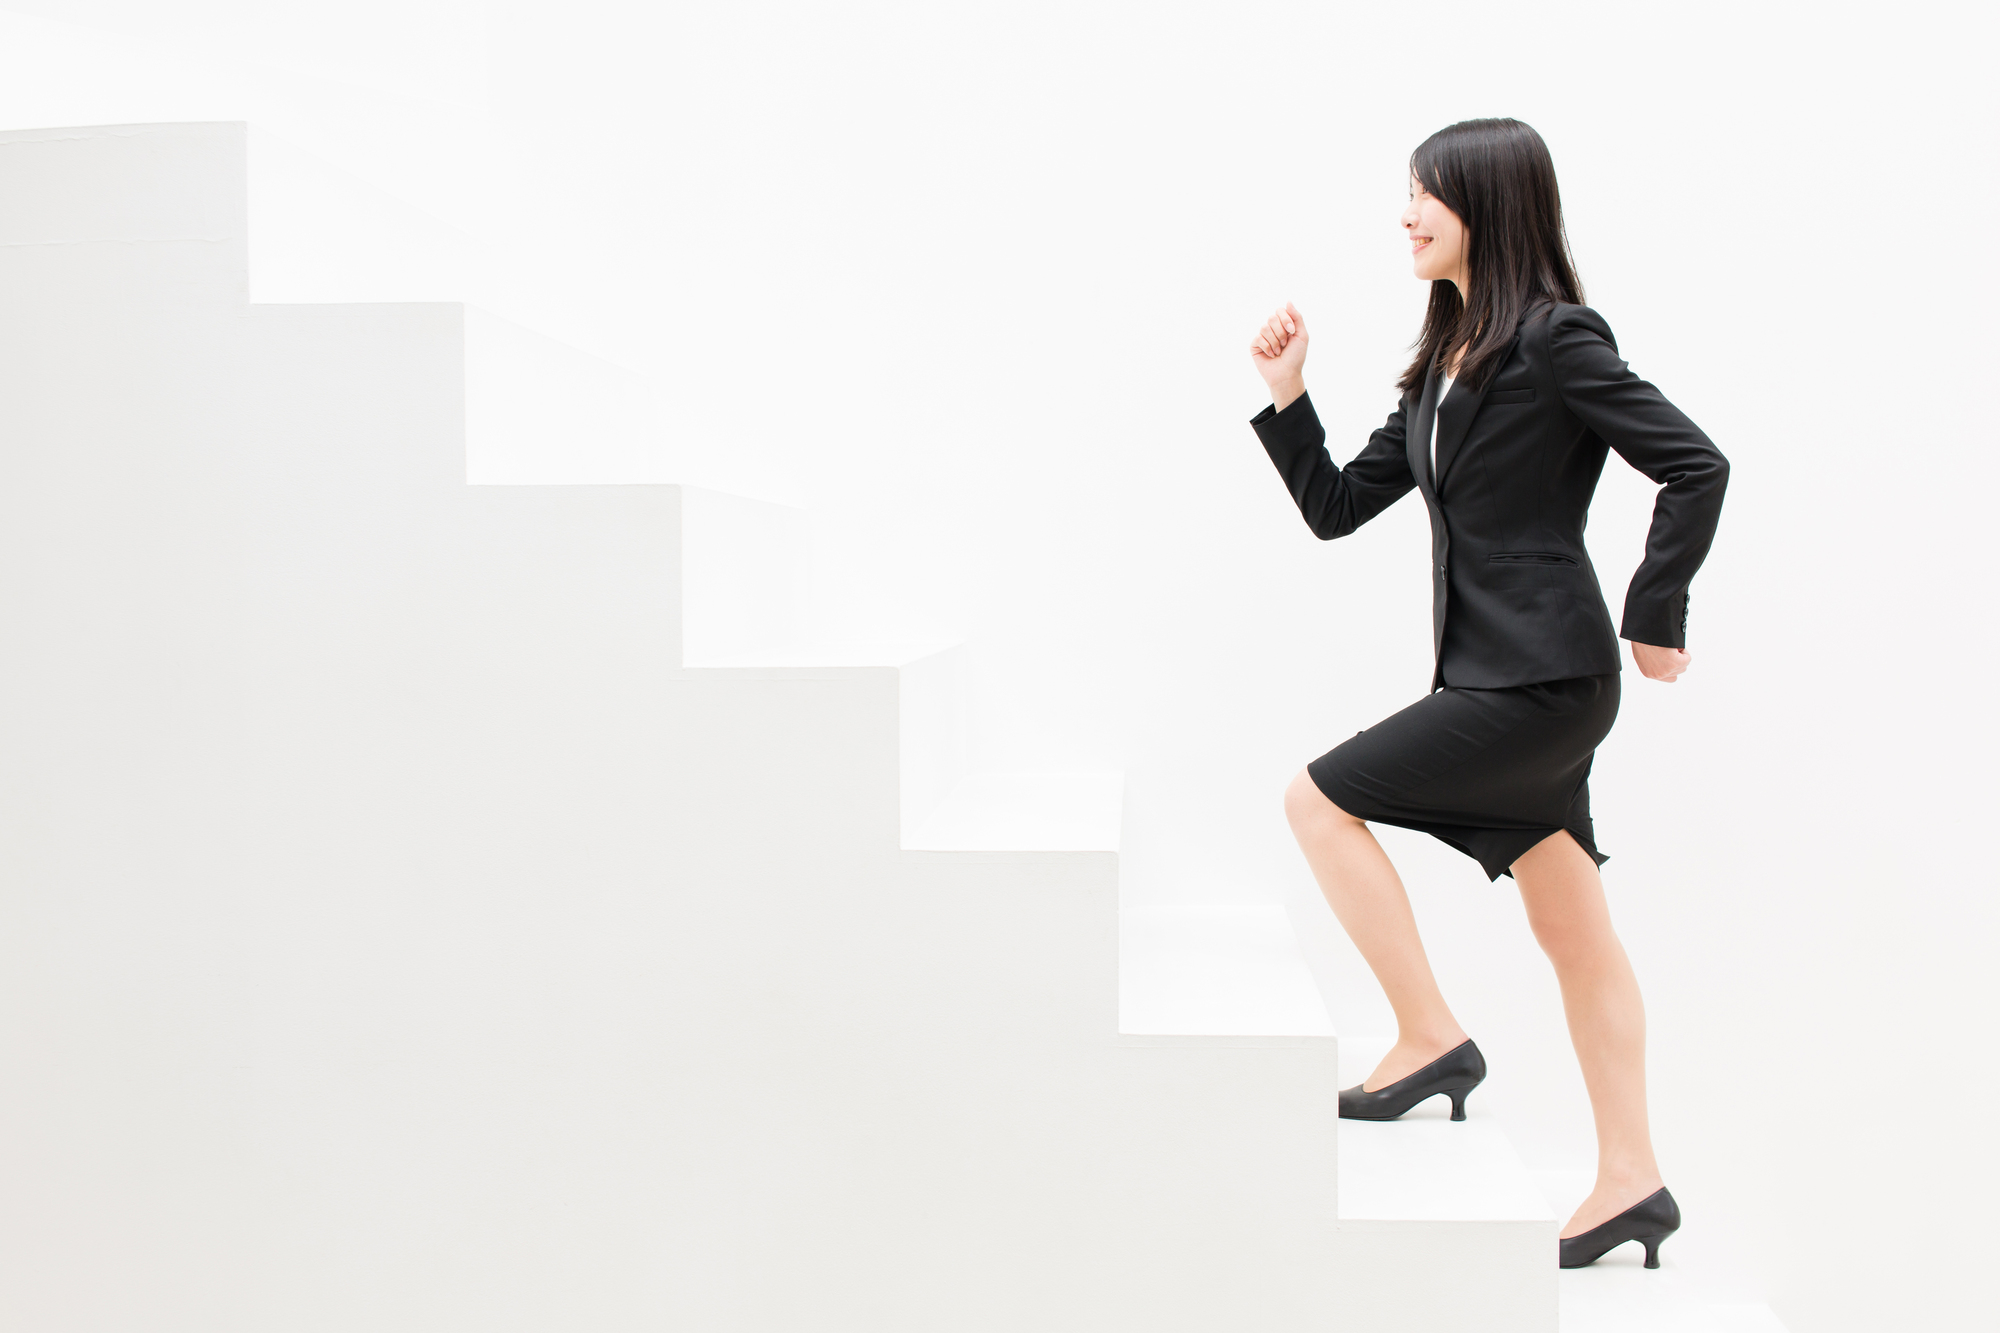 女性が階段を上がってキャリアアップしている様子